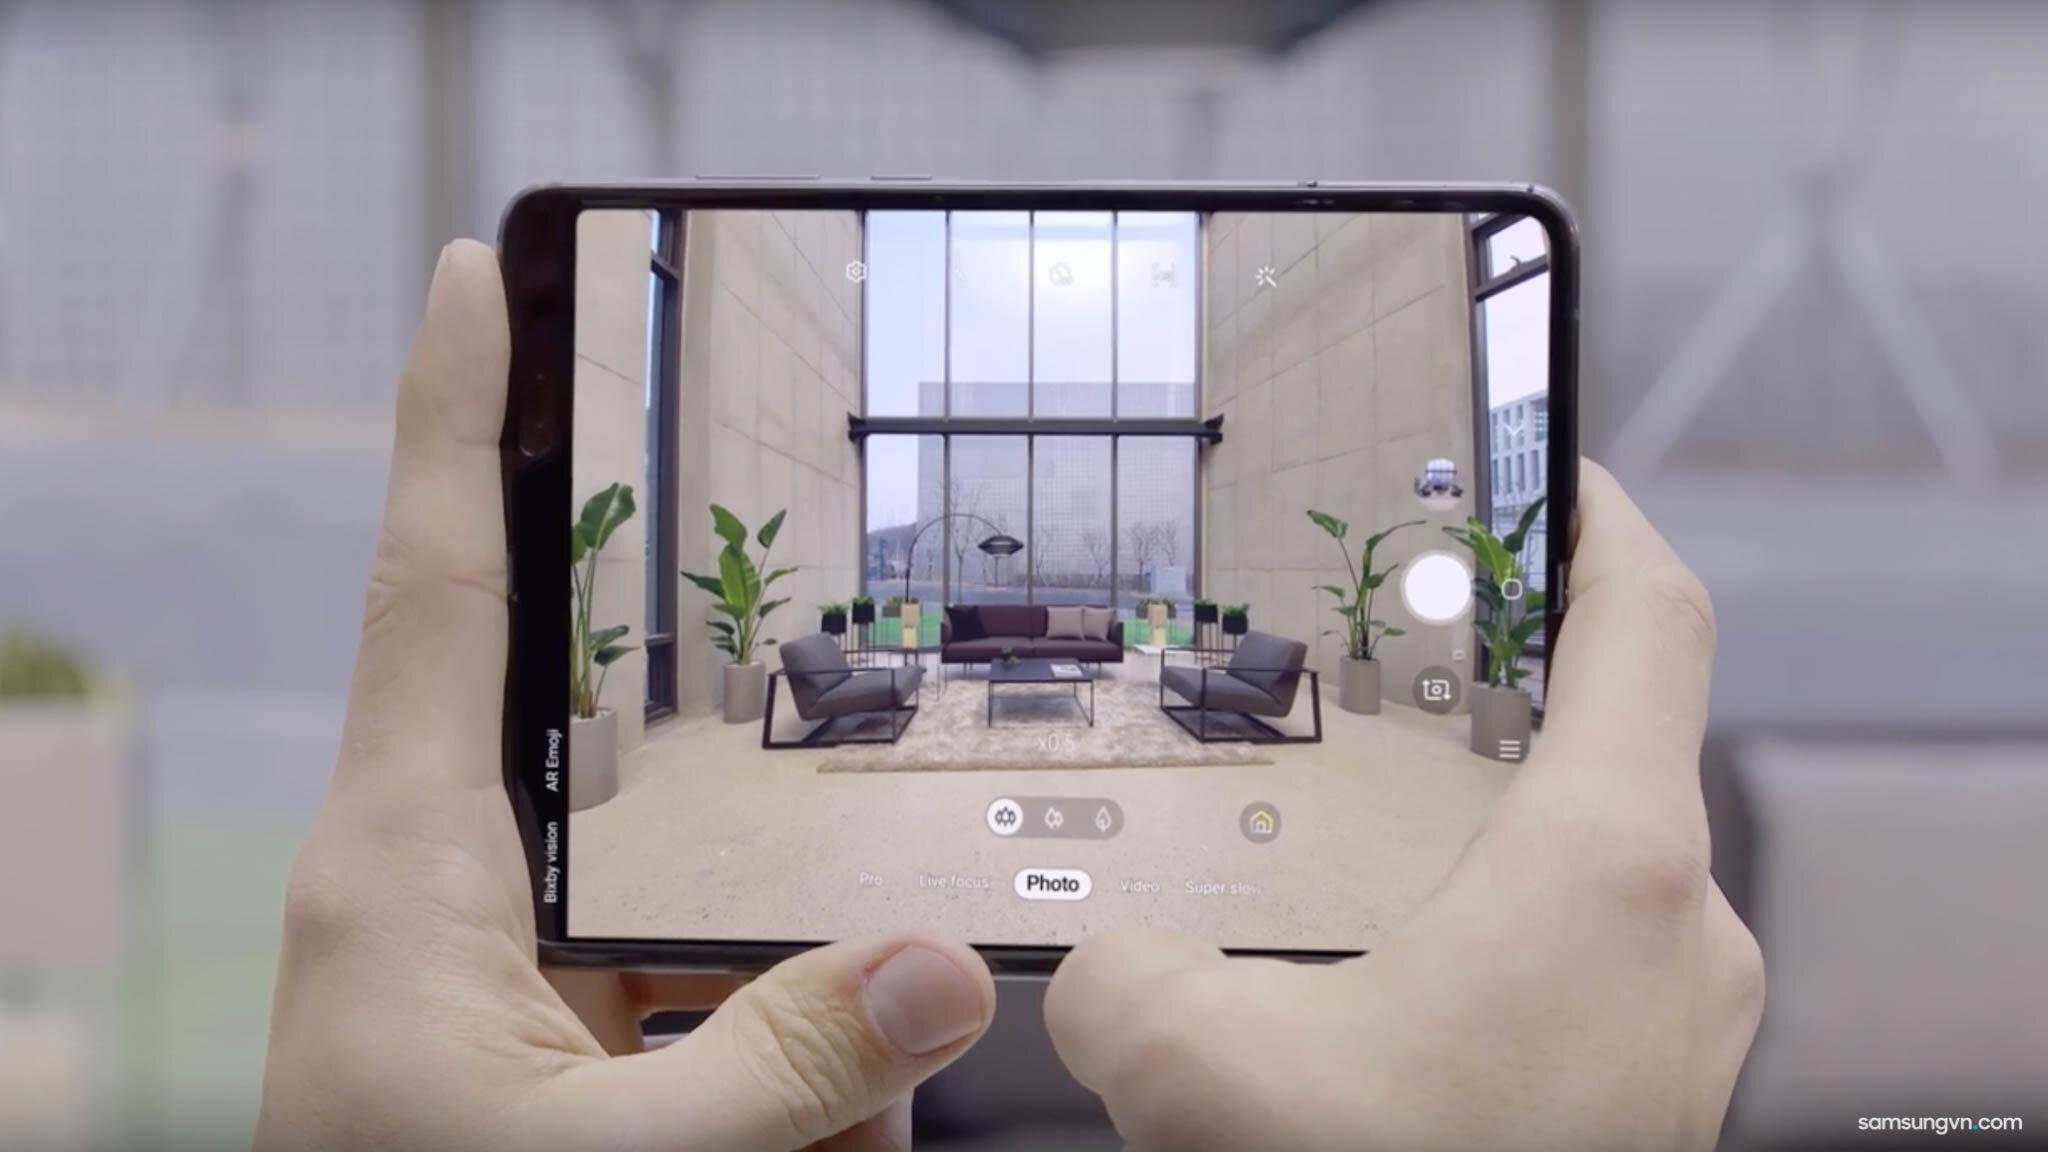 Sử dụng camera trên màn hình rộng của Samsung Galaxy Fold tạo được chiều sâu cho ảnh vô cùng sống động